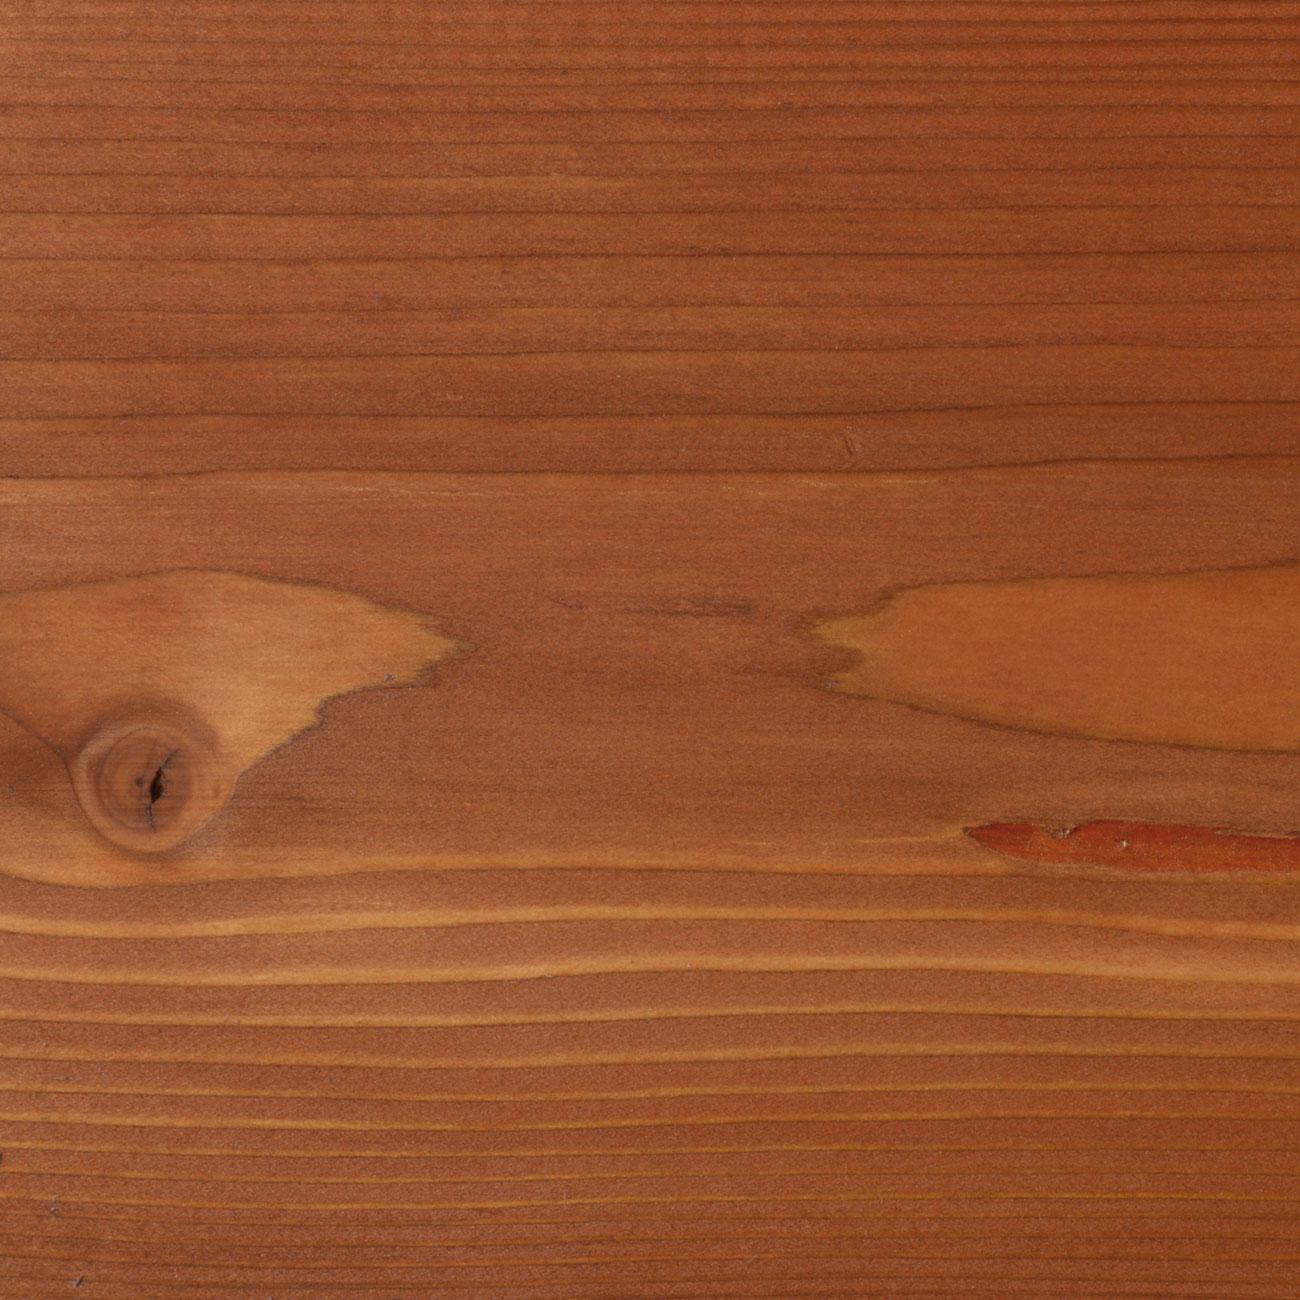 61.Lärche geschliffen, mit Faxe Speziallauge zzgl. 5% Faxe Combicolor rotbraun gelaugt, mit Faxe Holzbodenöl natur geölt